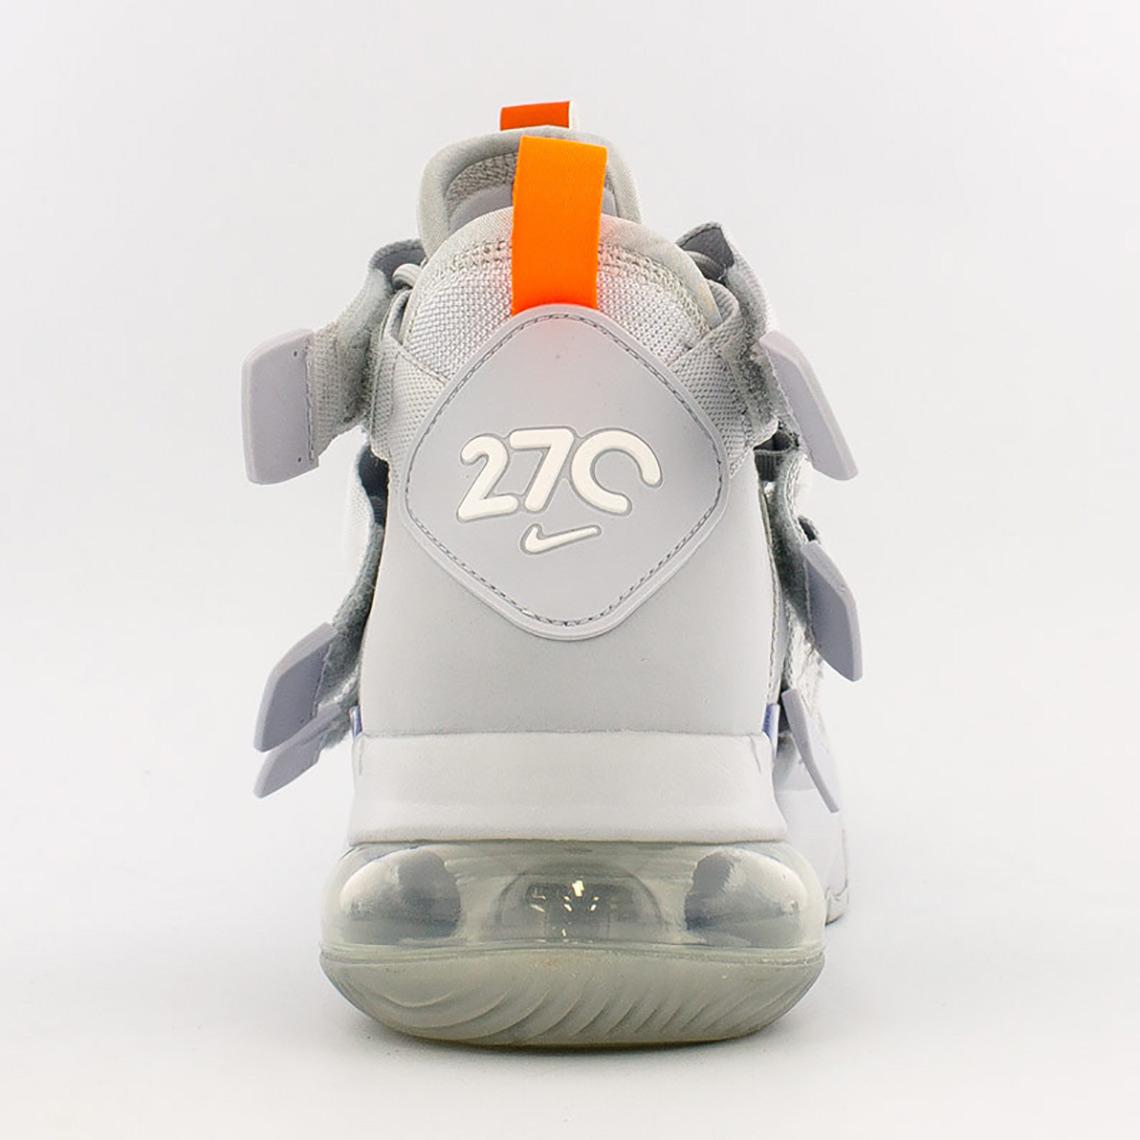 Nike Air Edge 270 AQ8764 002 Release Info |